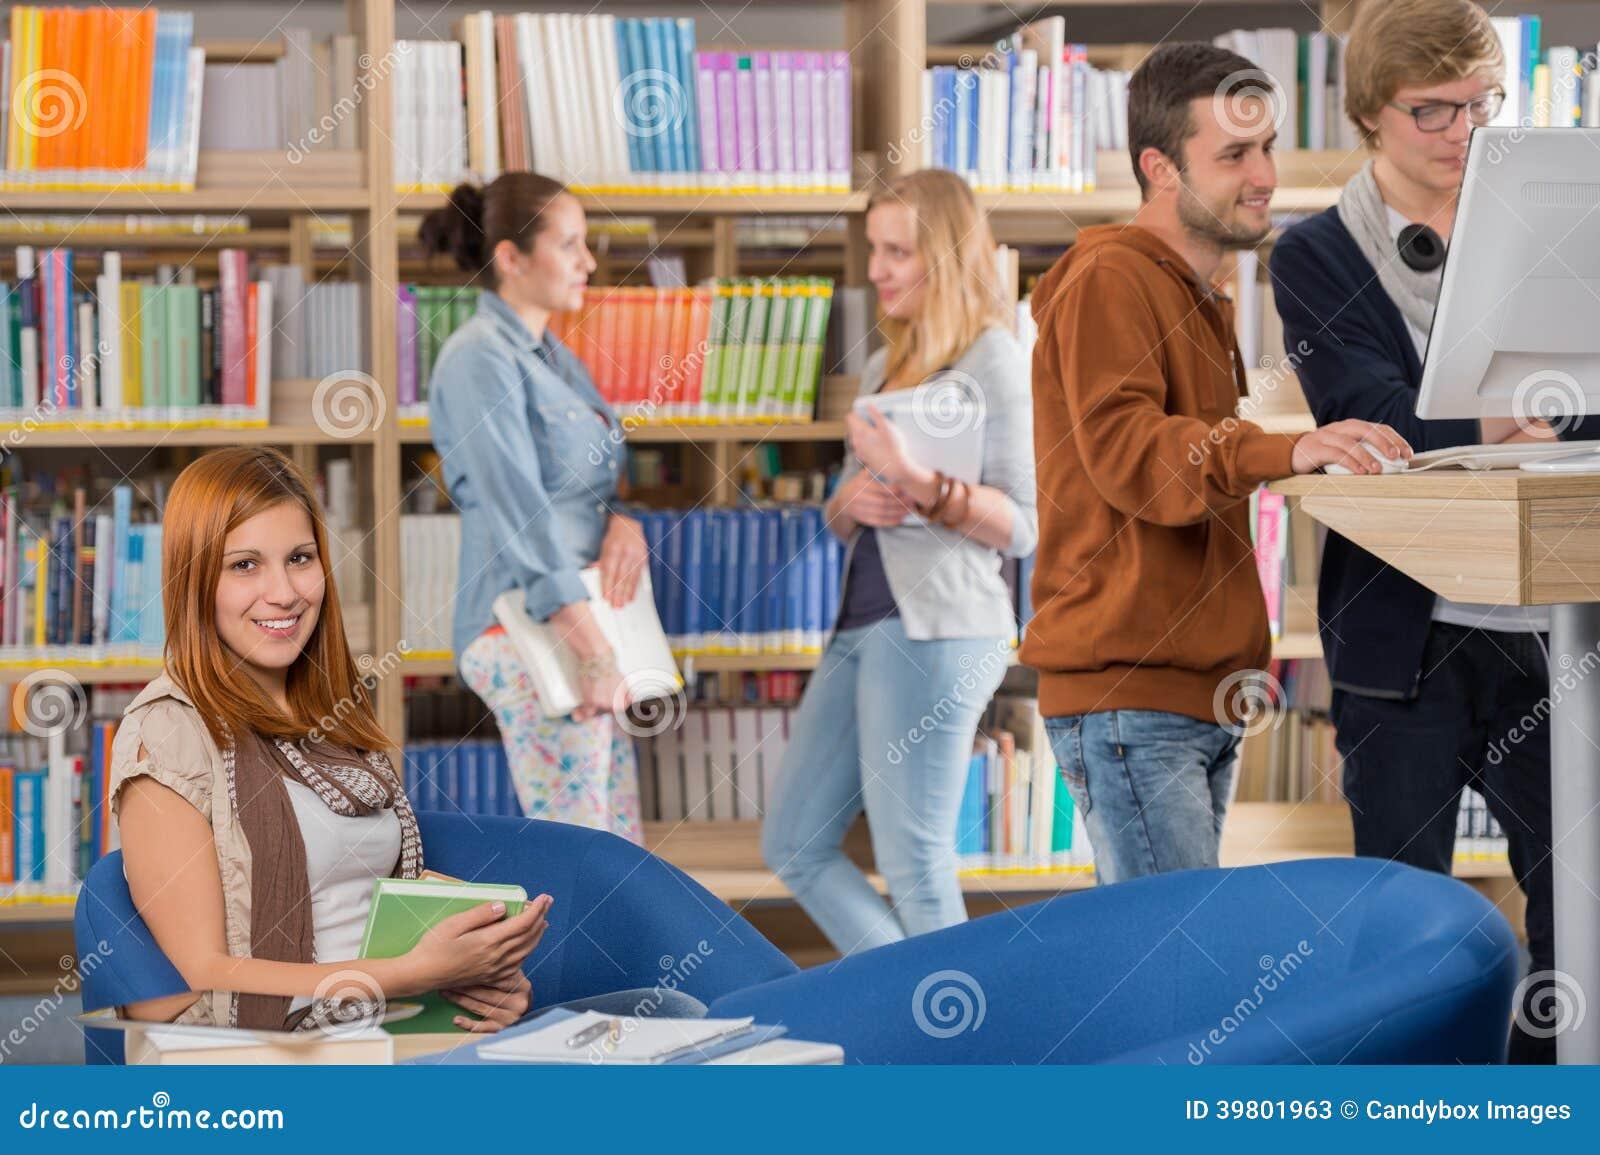 Glimlachende student in bibliotheek met vrienden